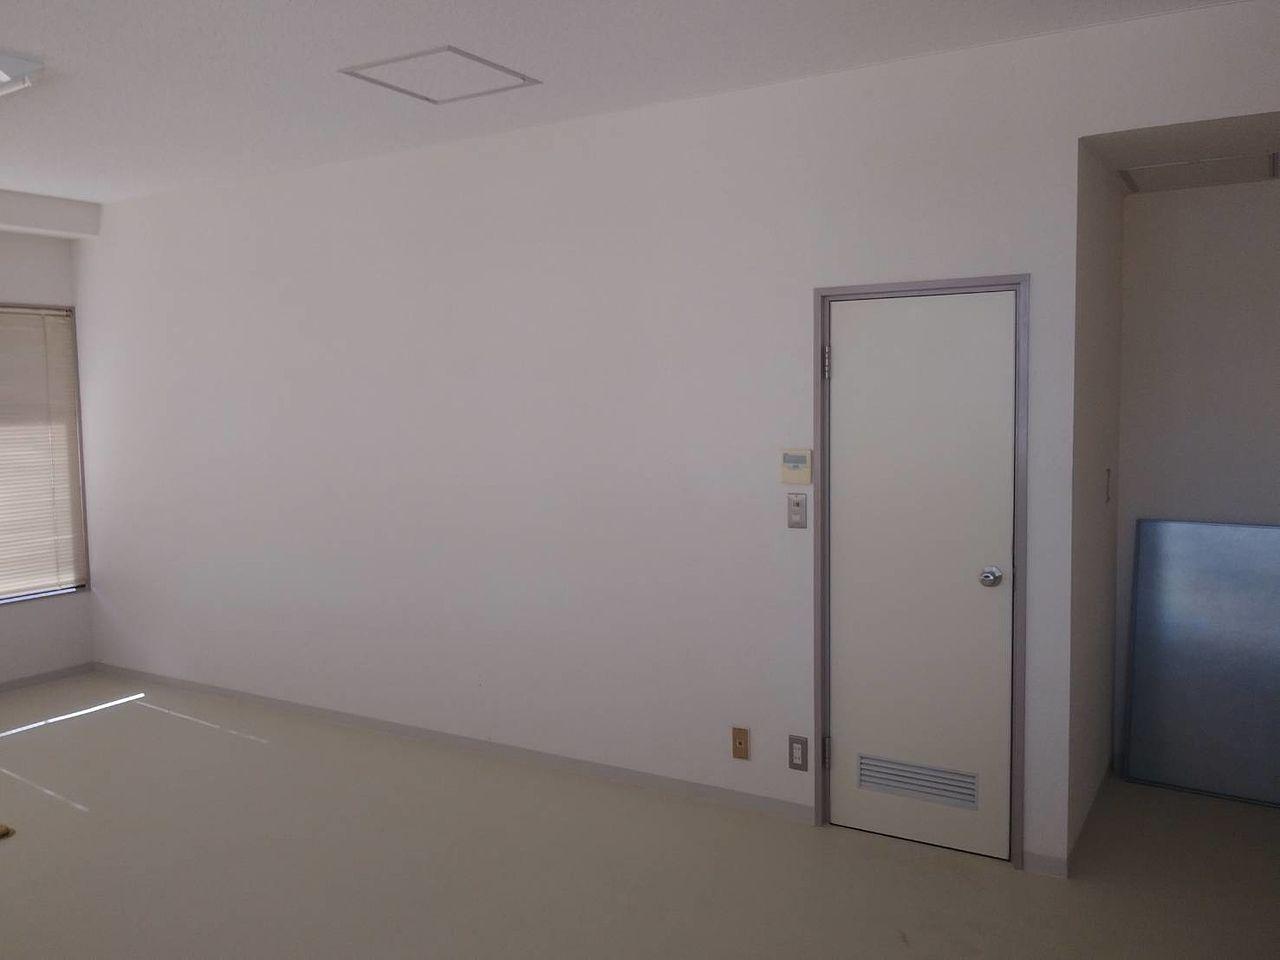 だれからも見える位置にトイレの扉があれば、利用しづらいと評判がよくはありません。何とかならないかを考えました。